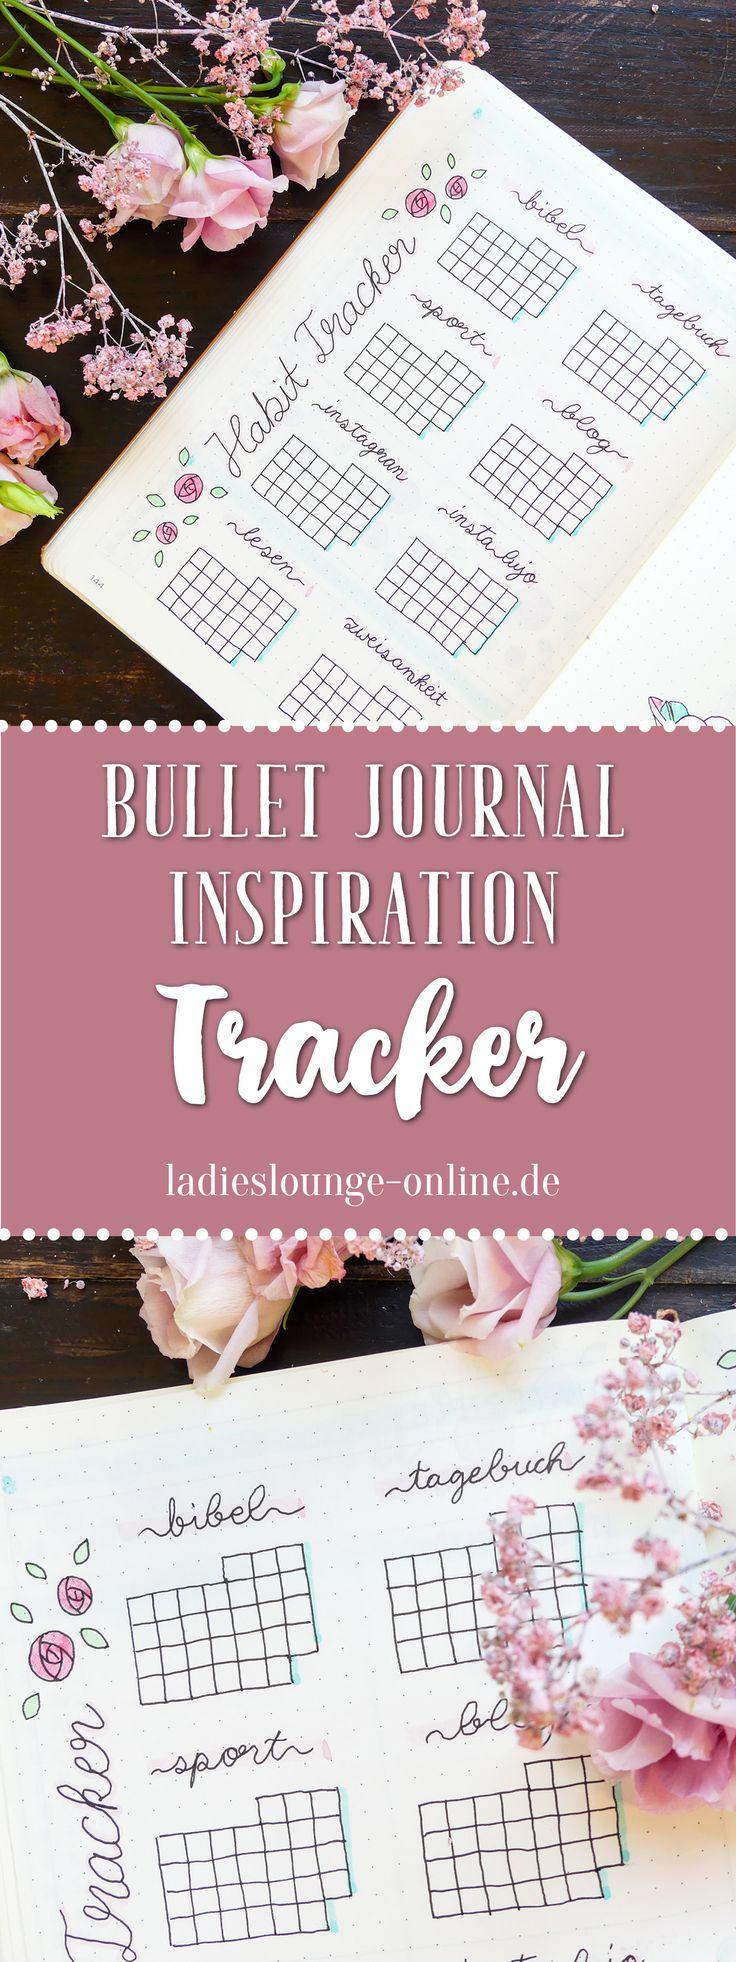 BULLET JOURNAL IDEEN DEUTSCH Inspiration für dein Bullet Journal. Monatsplanung für den Juni im Bullet Journal mit Rosen, Habit Tracker, monthly spread, brain dump… #bulletjournalideendeutsch #bulletjournalideen #bulletjournalfüranfänger #bulletjournal #bulletjournalanleitung #monthlyspread #rosen #habittracker #tracker